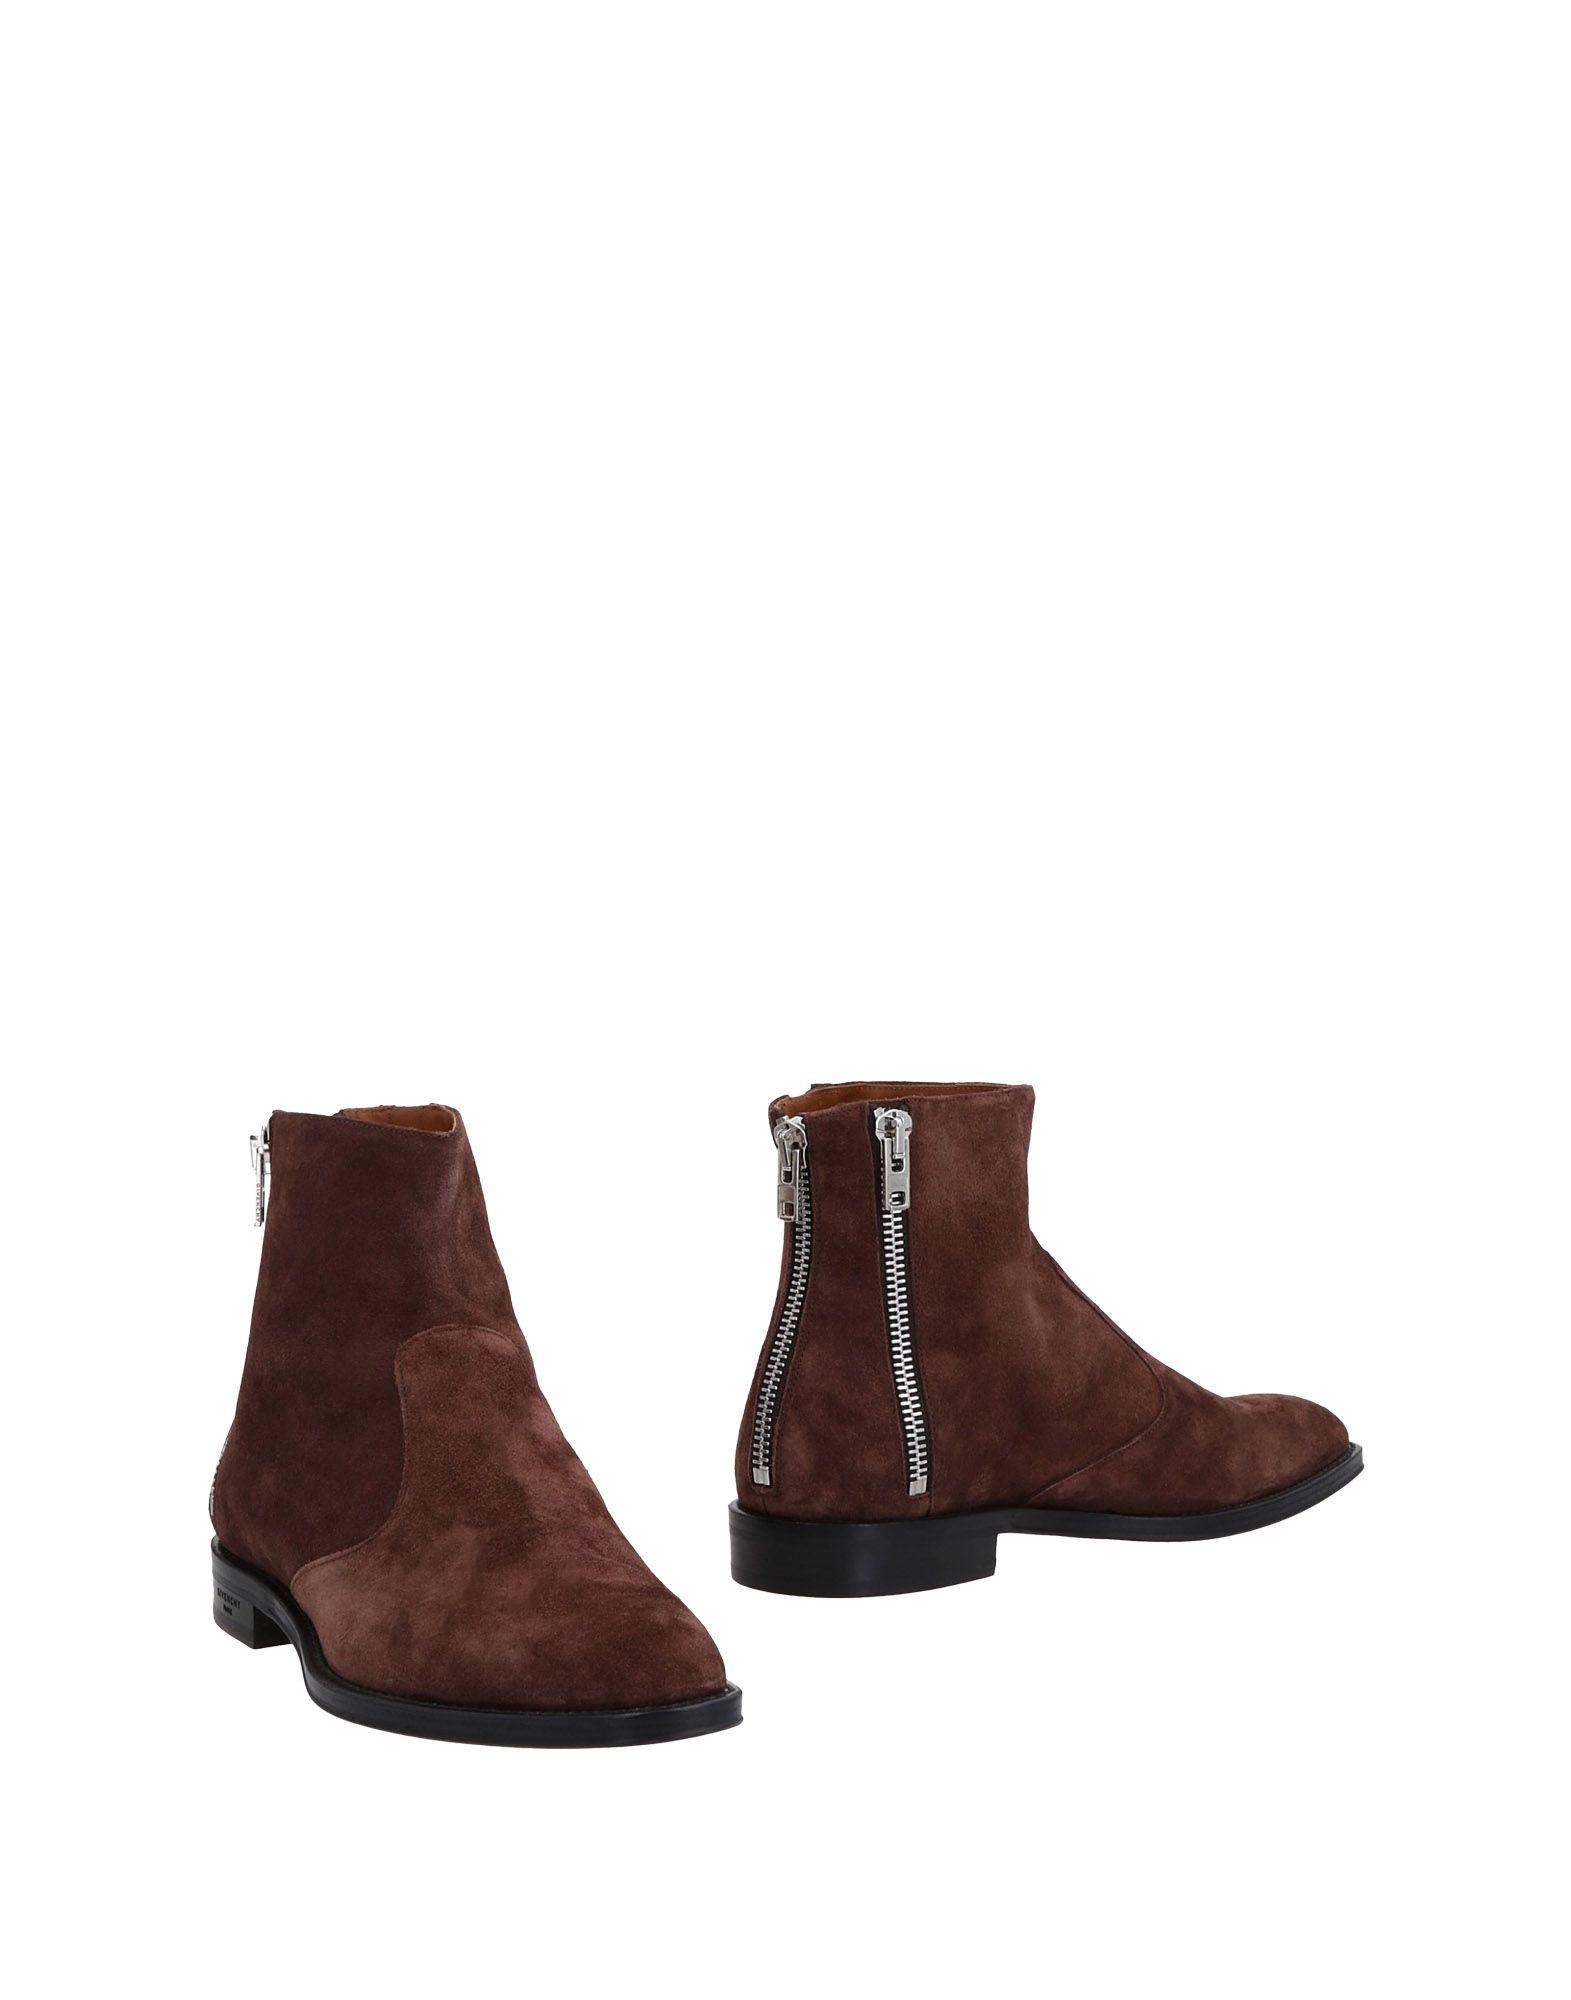 Cacao Botín Givchy Givchy Givchy Hombre - Botines Givchy Zapatos de mujer baratos zapatos de mujer 1718e7